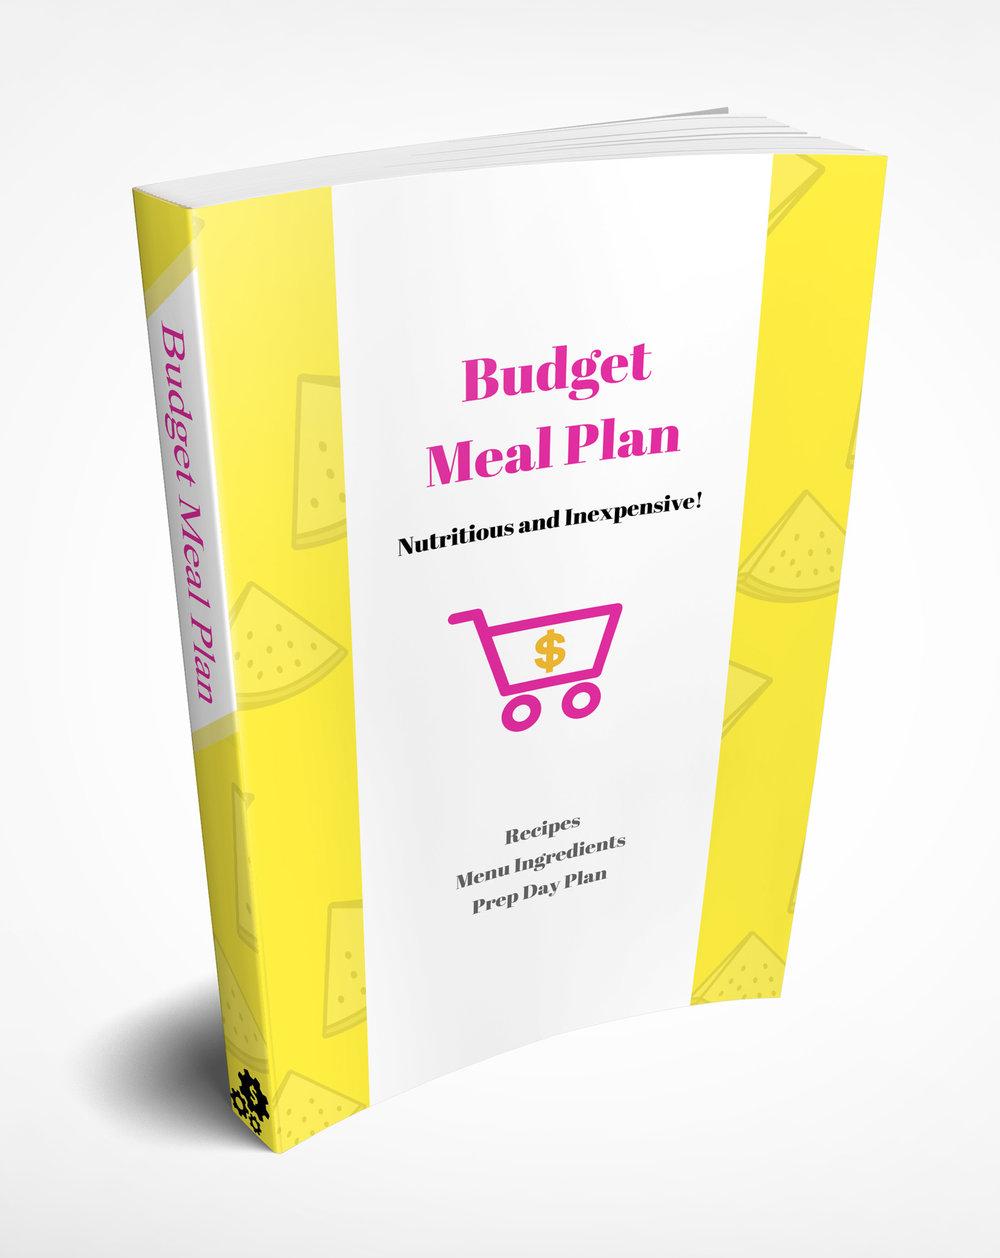 Budget Meal Plan Mock Up 2.jpg